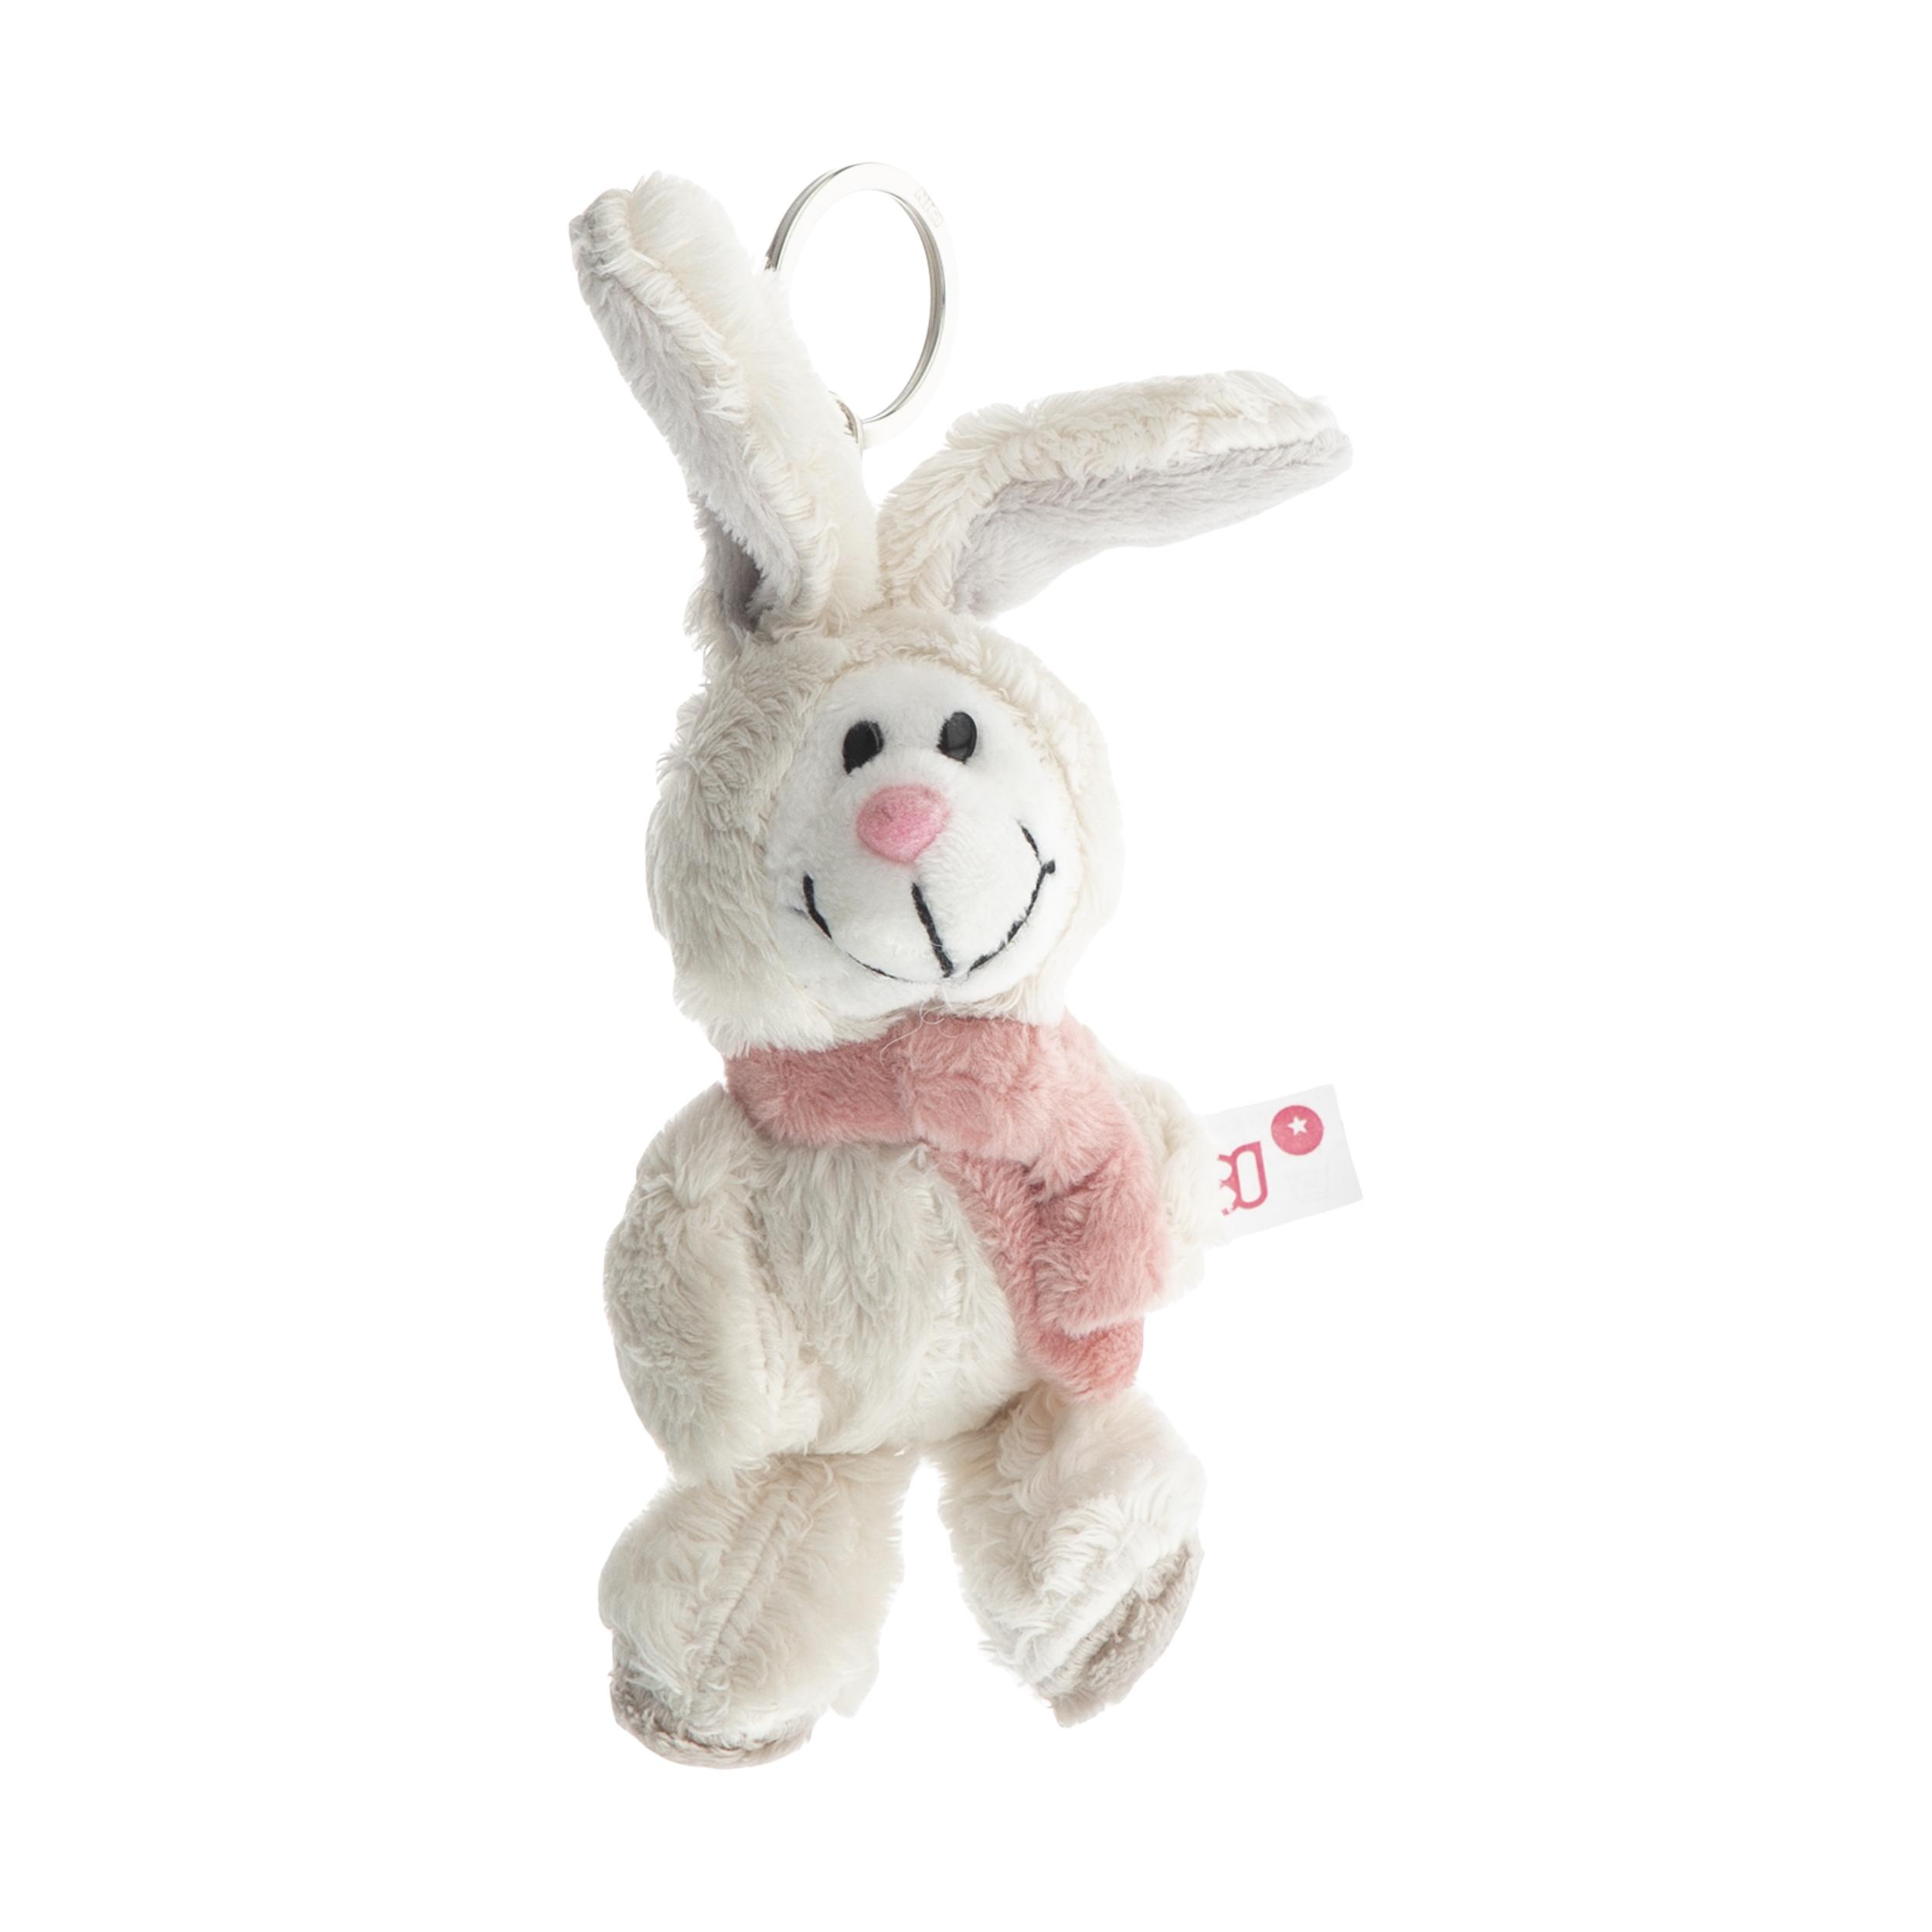 جاسوئیچی عروسکی نیکی مدل خرگوش